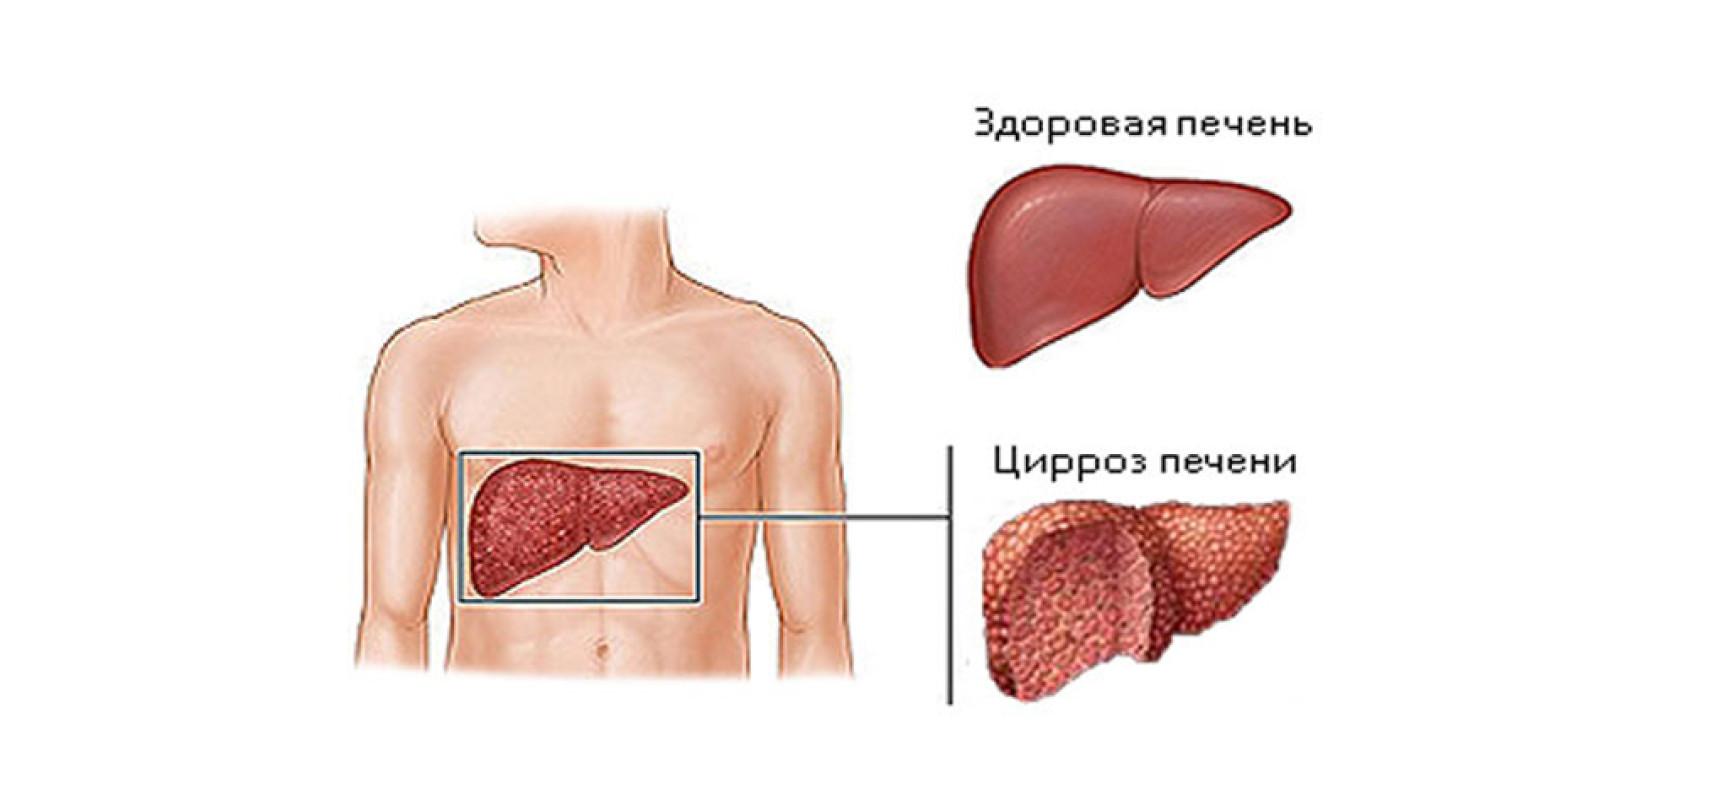 Цирроз печени при злоупотреблении алкоголем